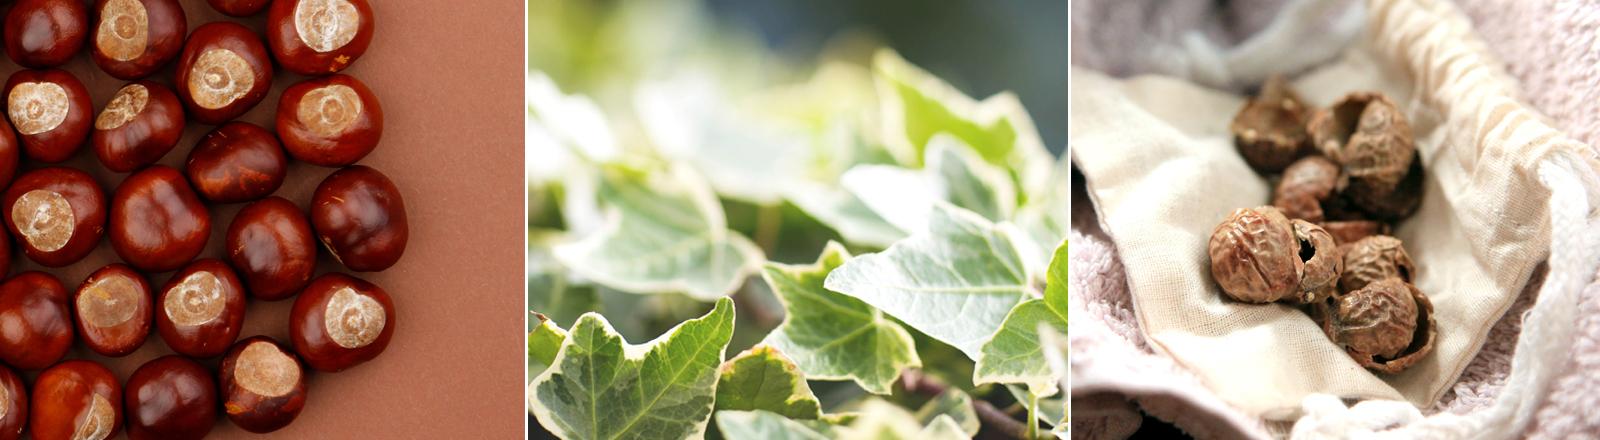 Kastanien, Efeu und Waschnüsse als Alternativen zu Biowaschmittel.